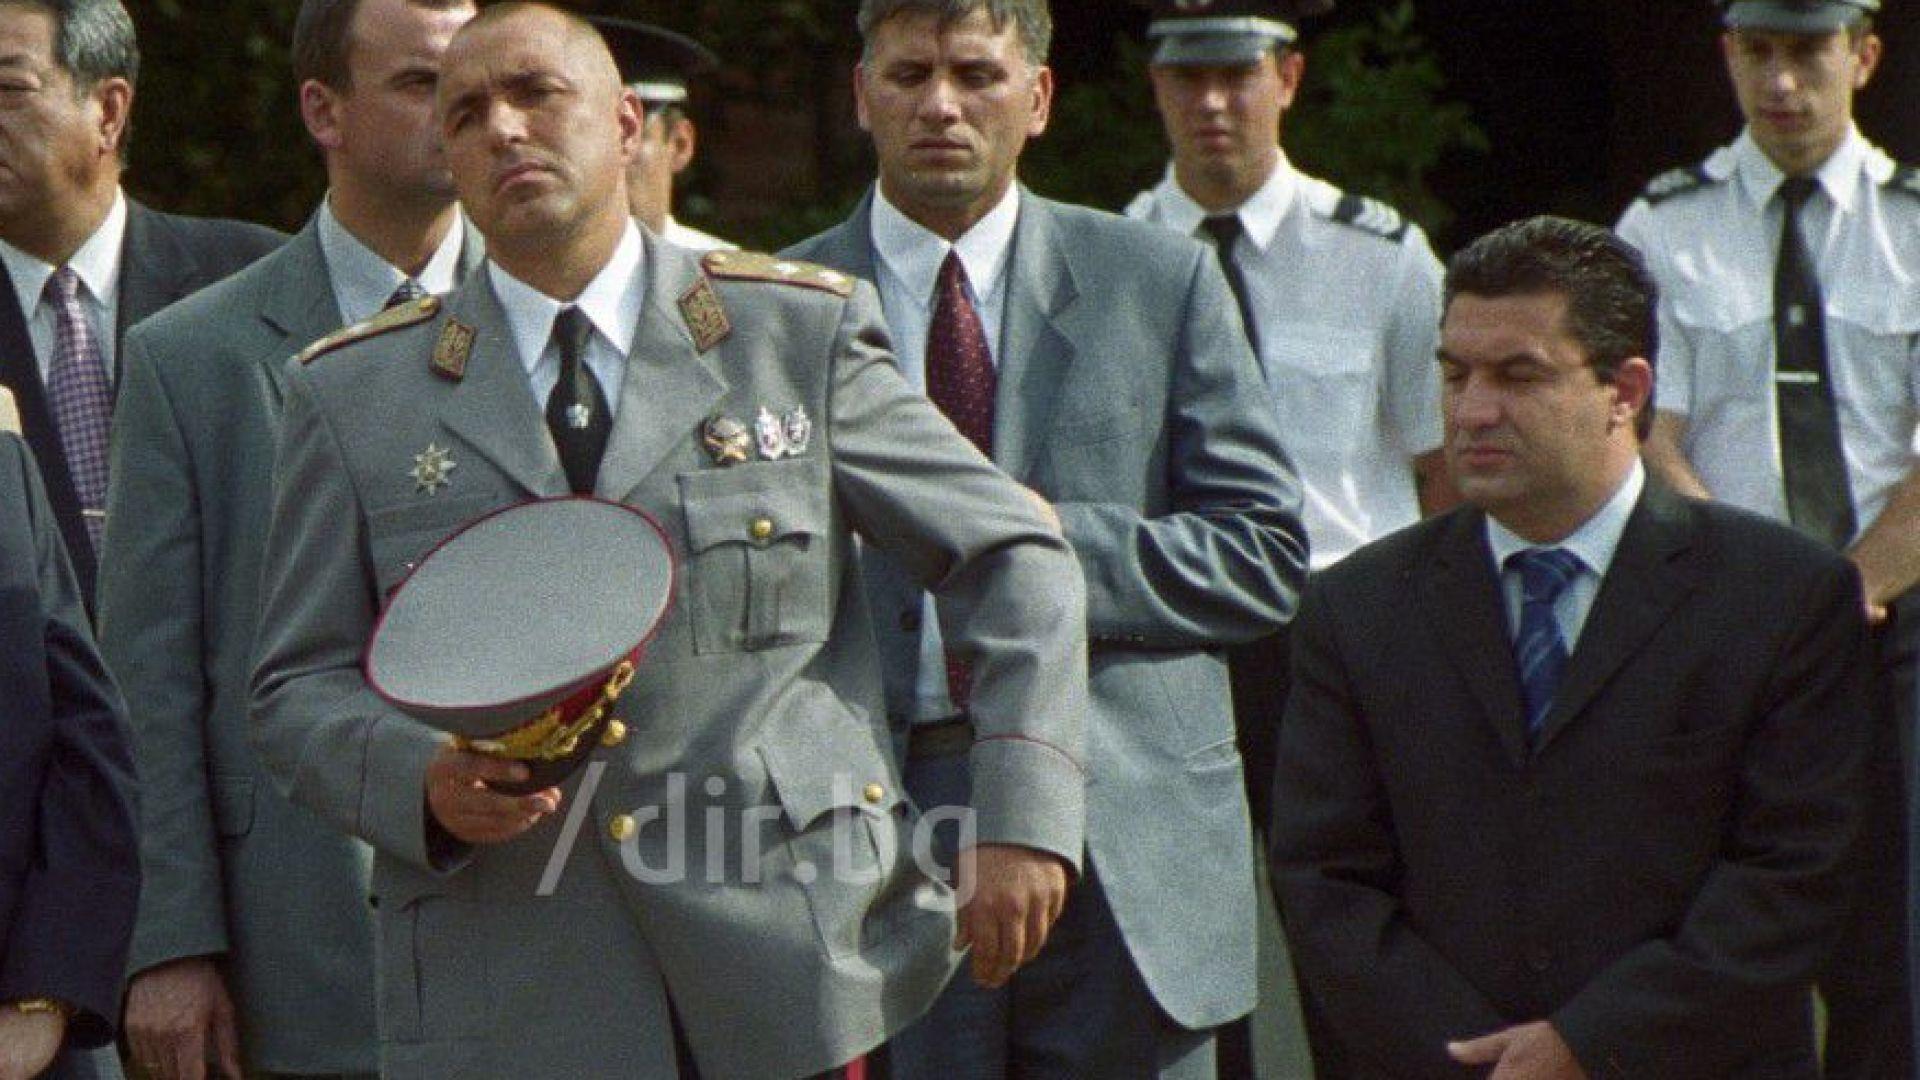 Премиерът Бойко Борисов навършва 60 години днес. Традиционно лидерът на